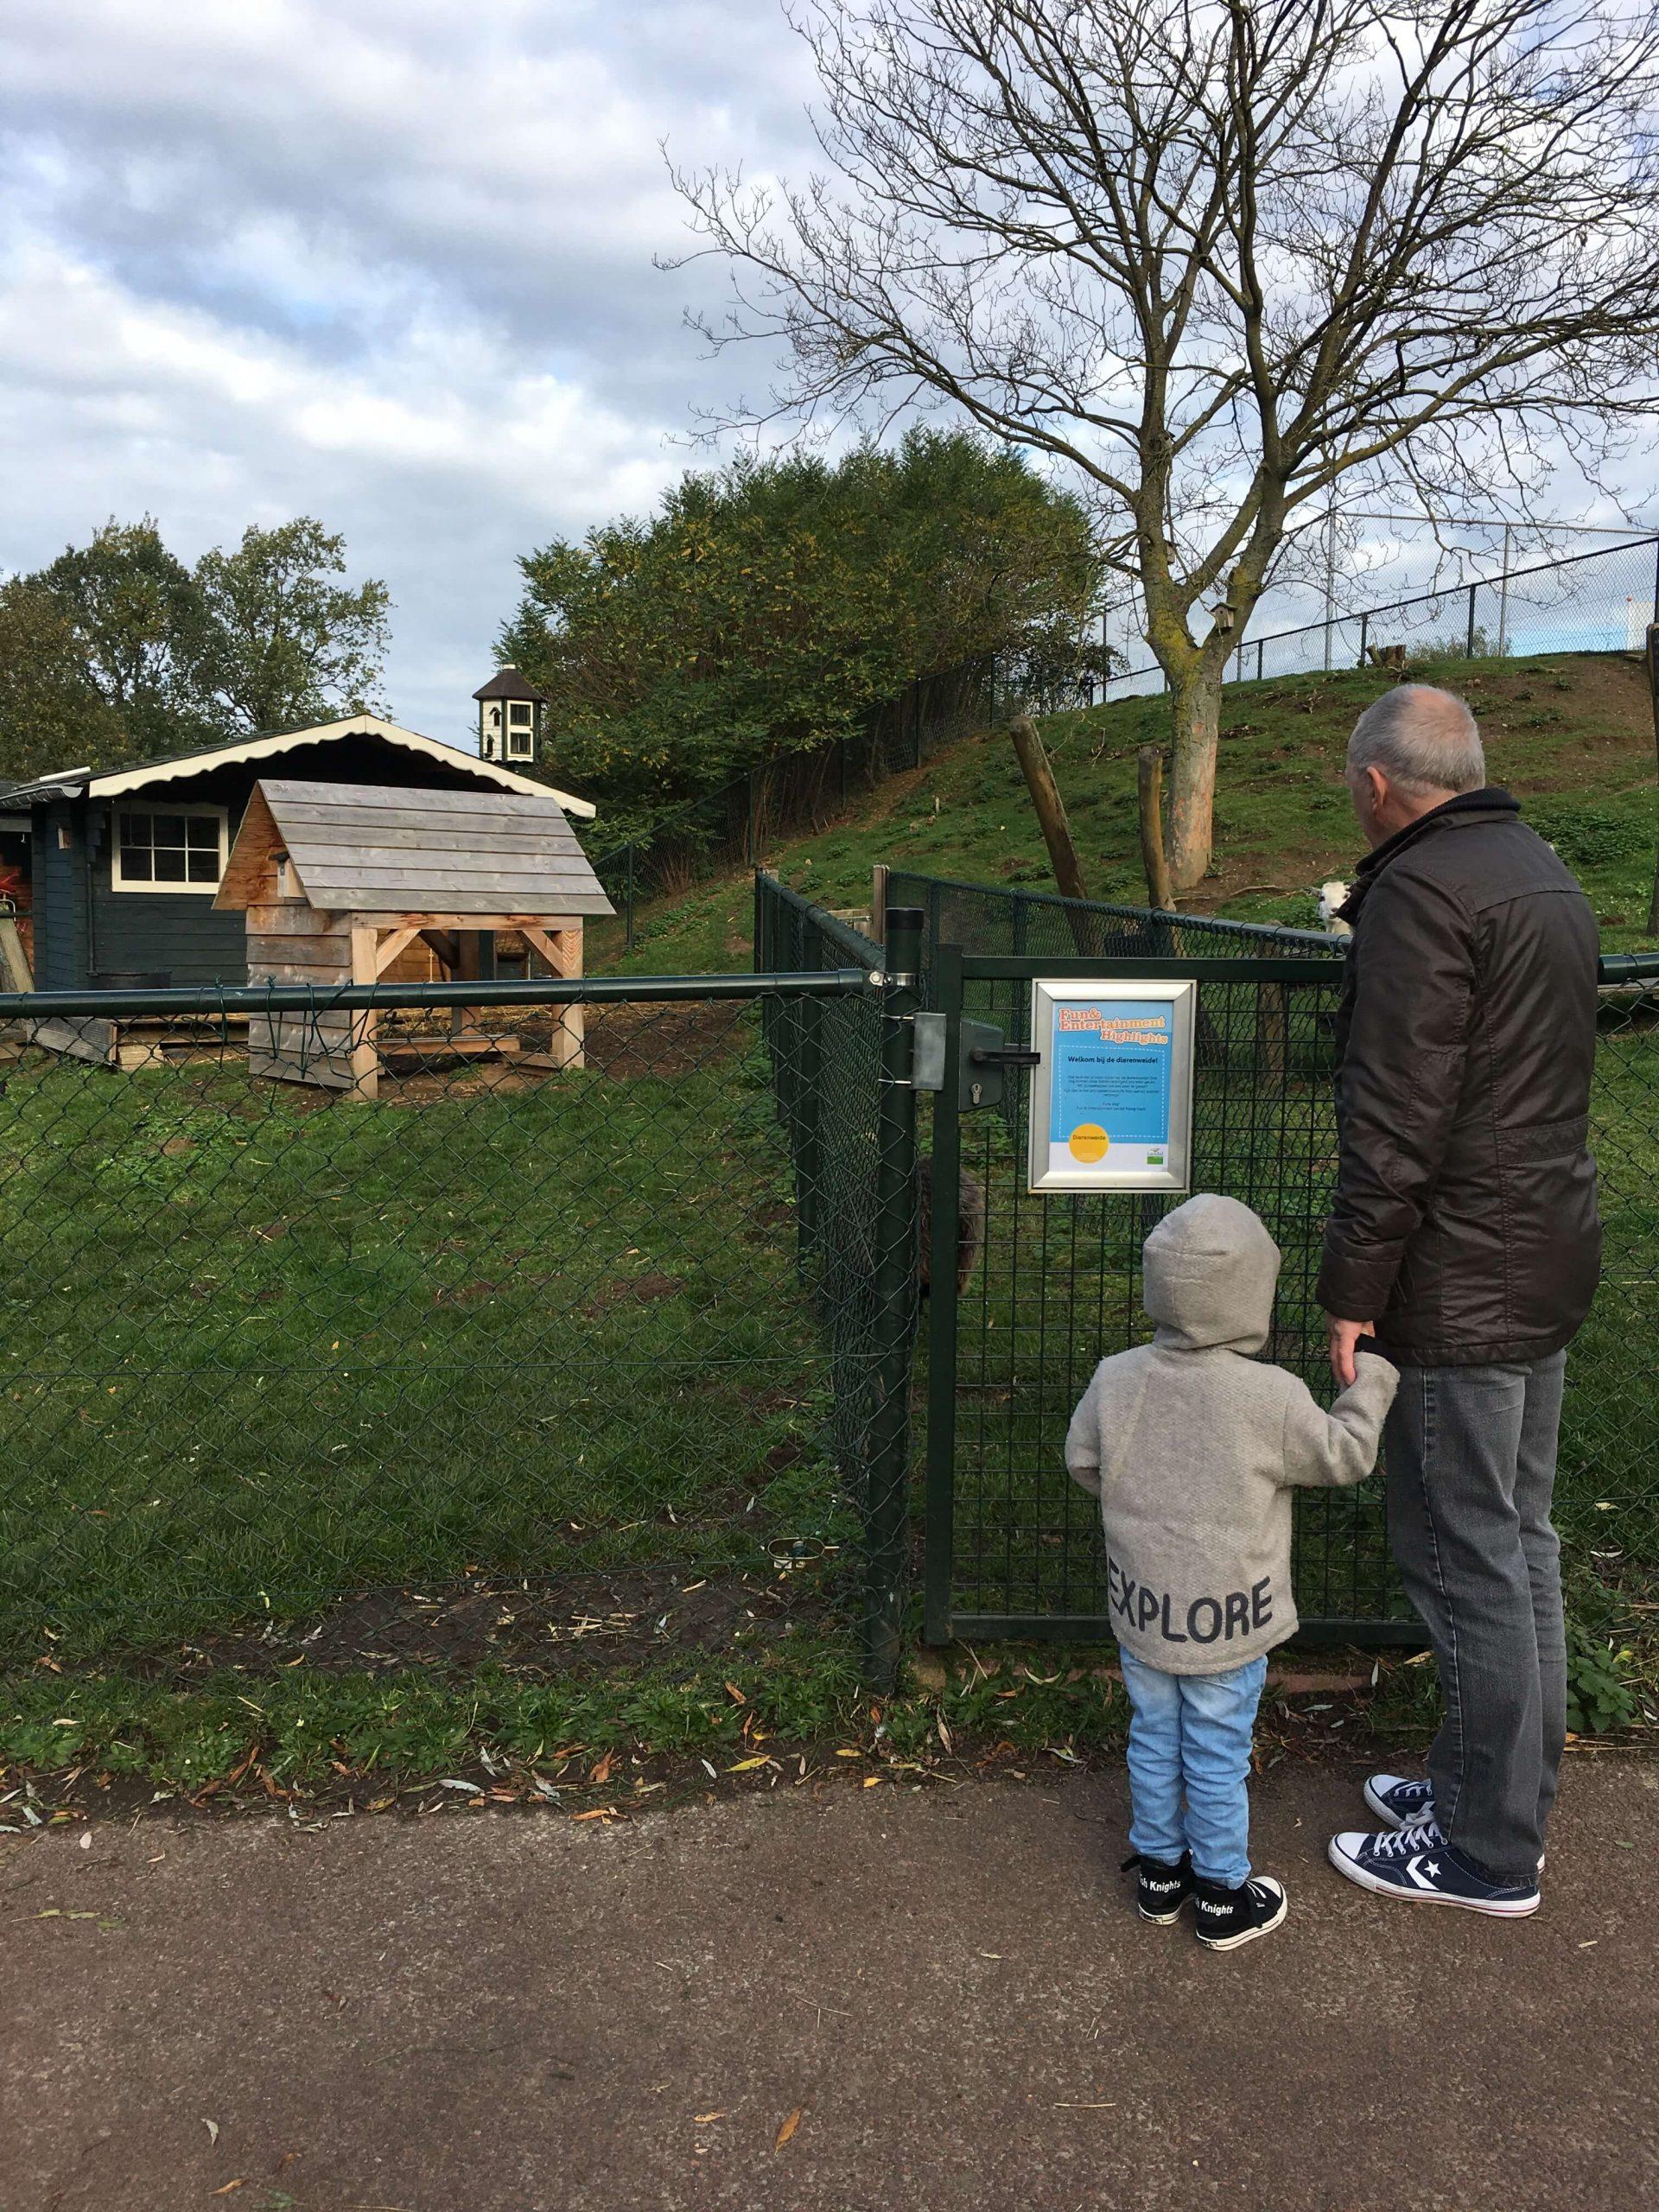 IMG 2387 - Wij gingen naar Landal Hoog Vaals, genieten van de natuur